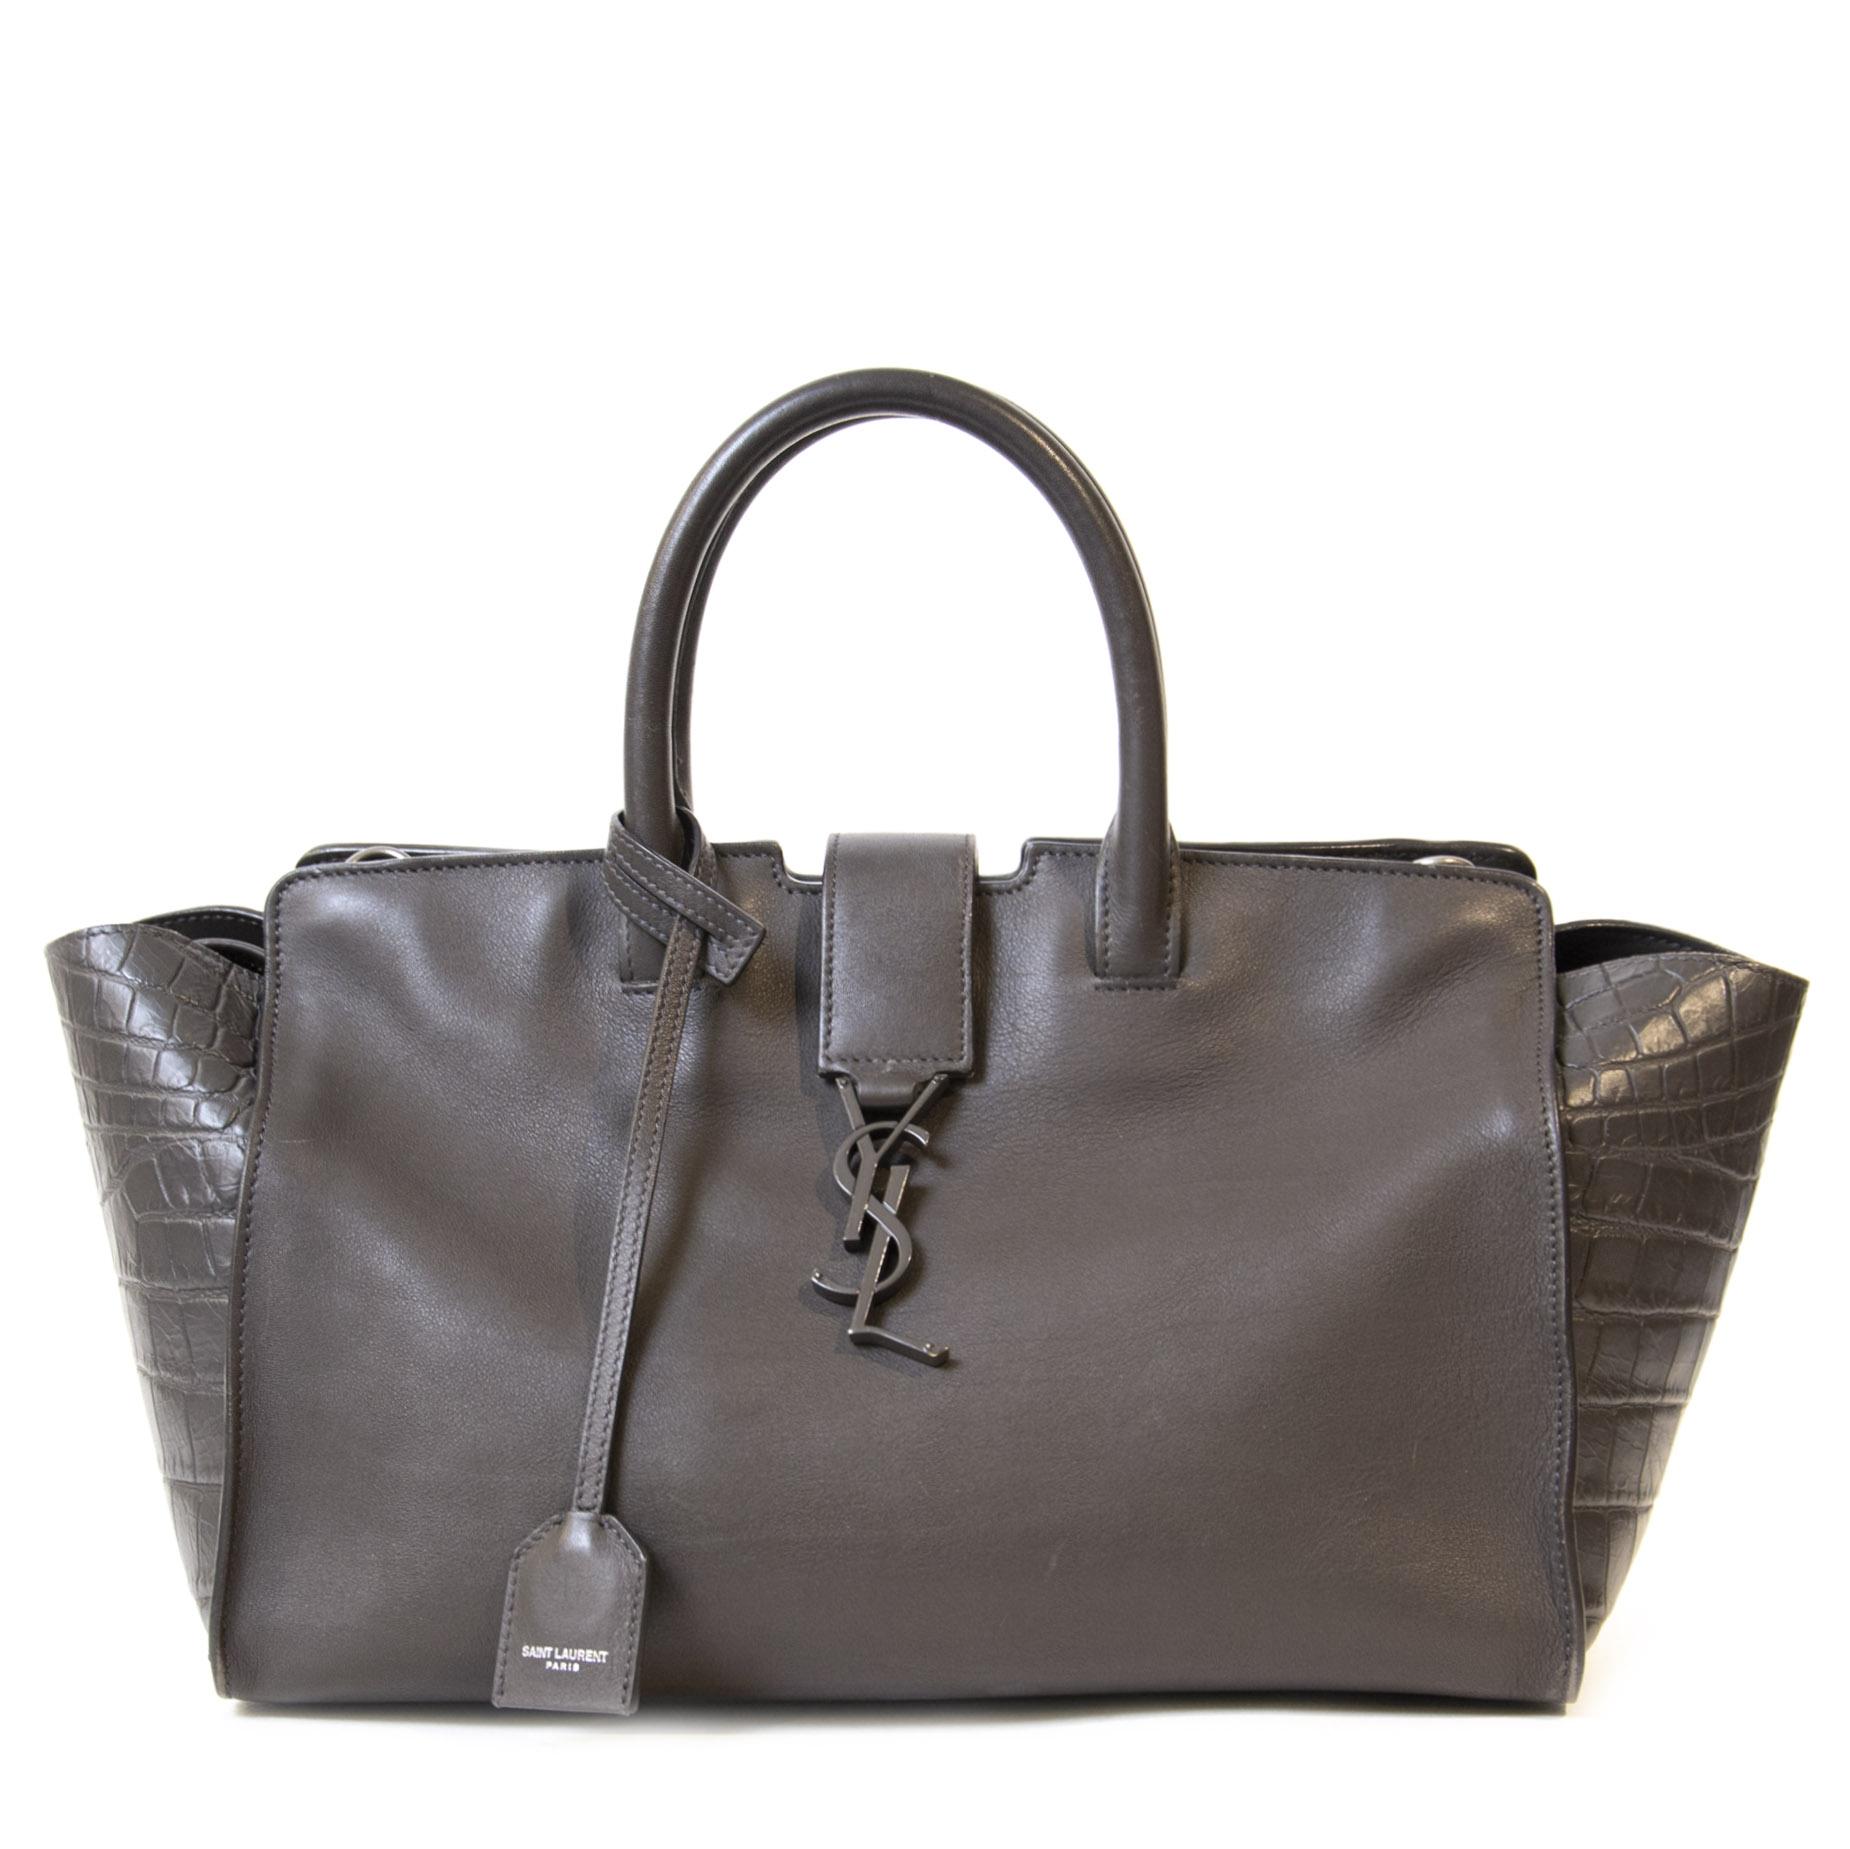 Authentieke Tweedehands Saint Laurent Downtown Small Cabas Bag juiste prijs veilig online winkelen luxe merken webshop winkelen Antwerpen België mode fashion